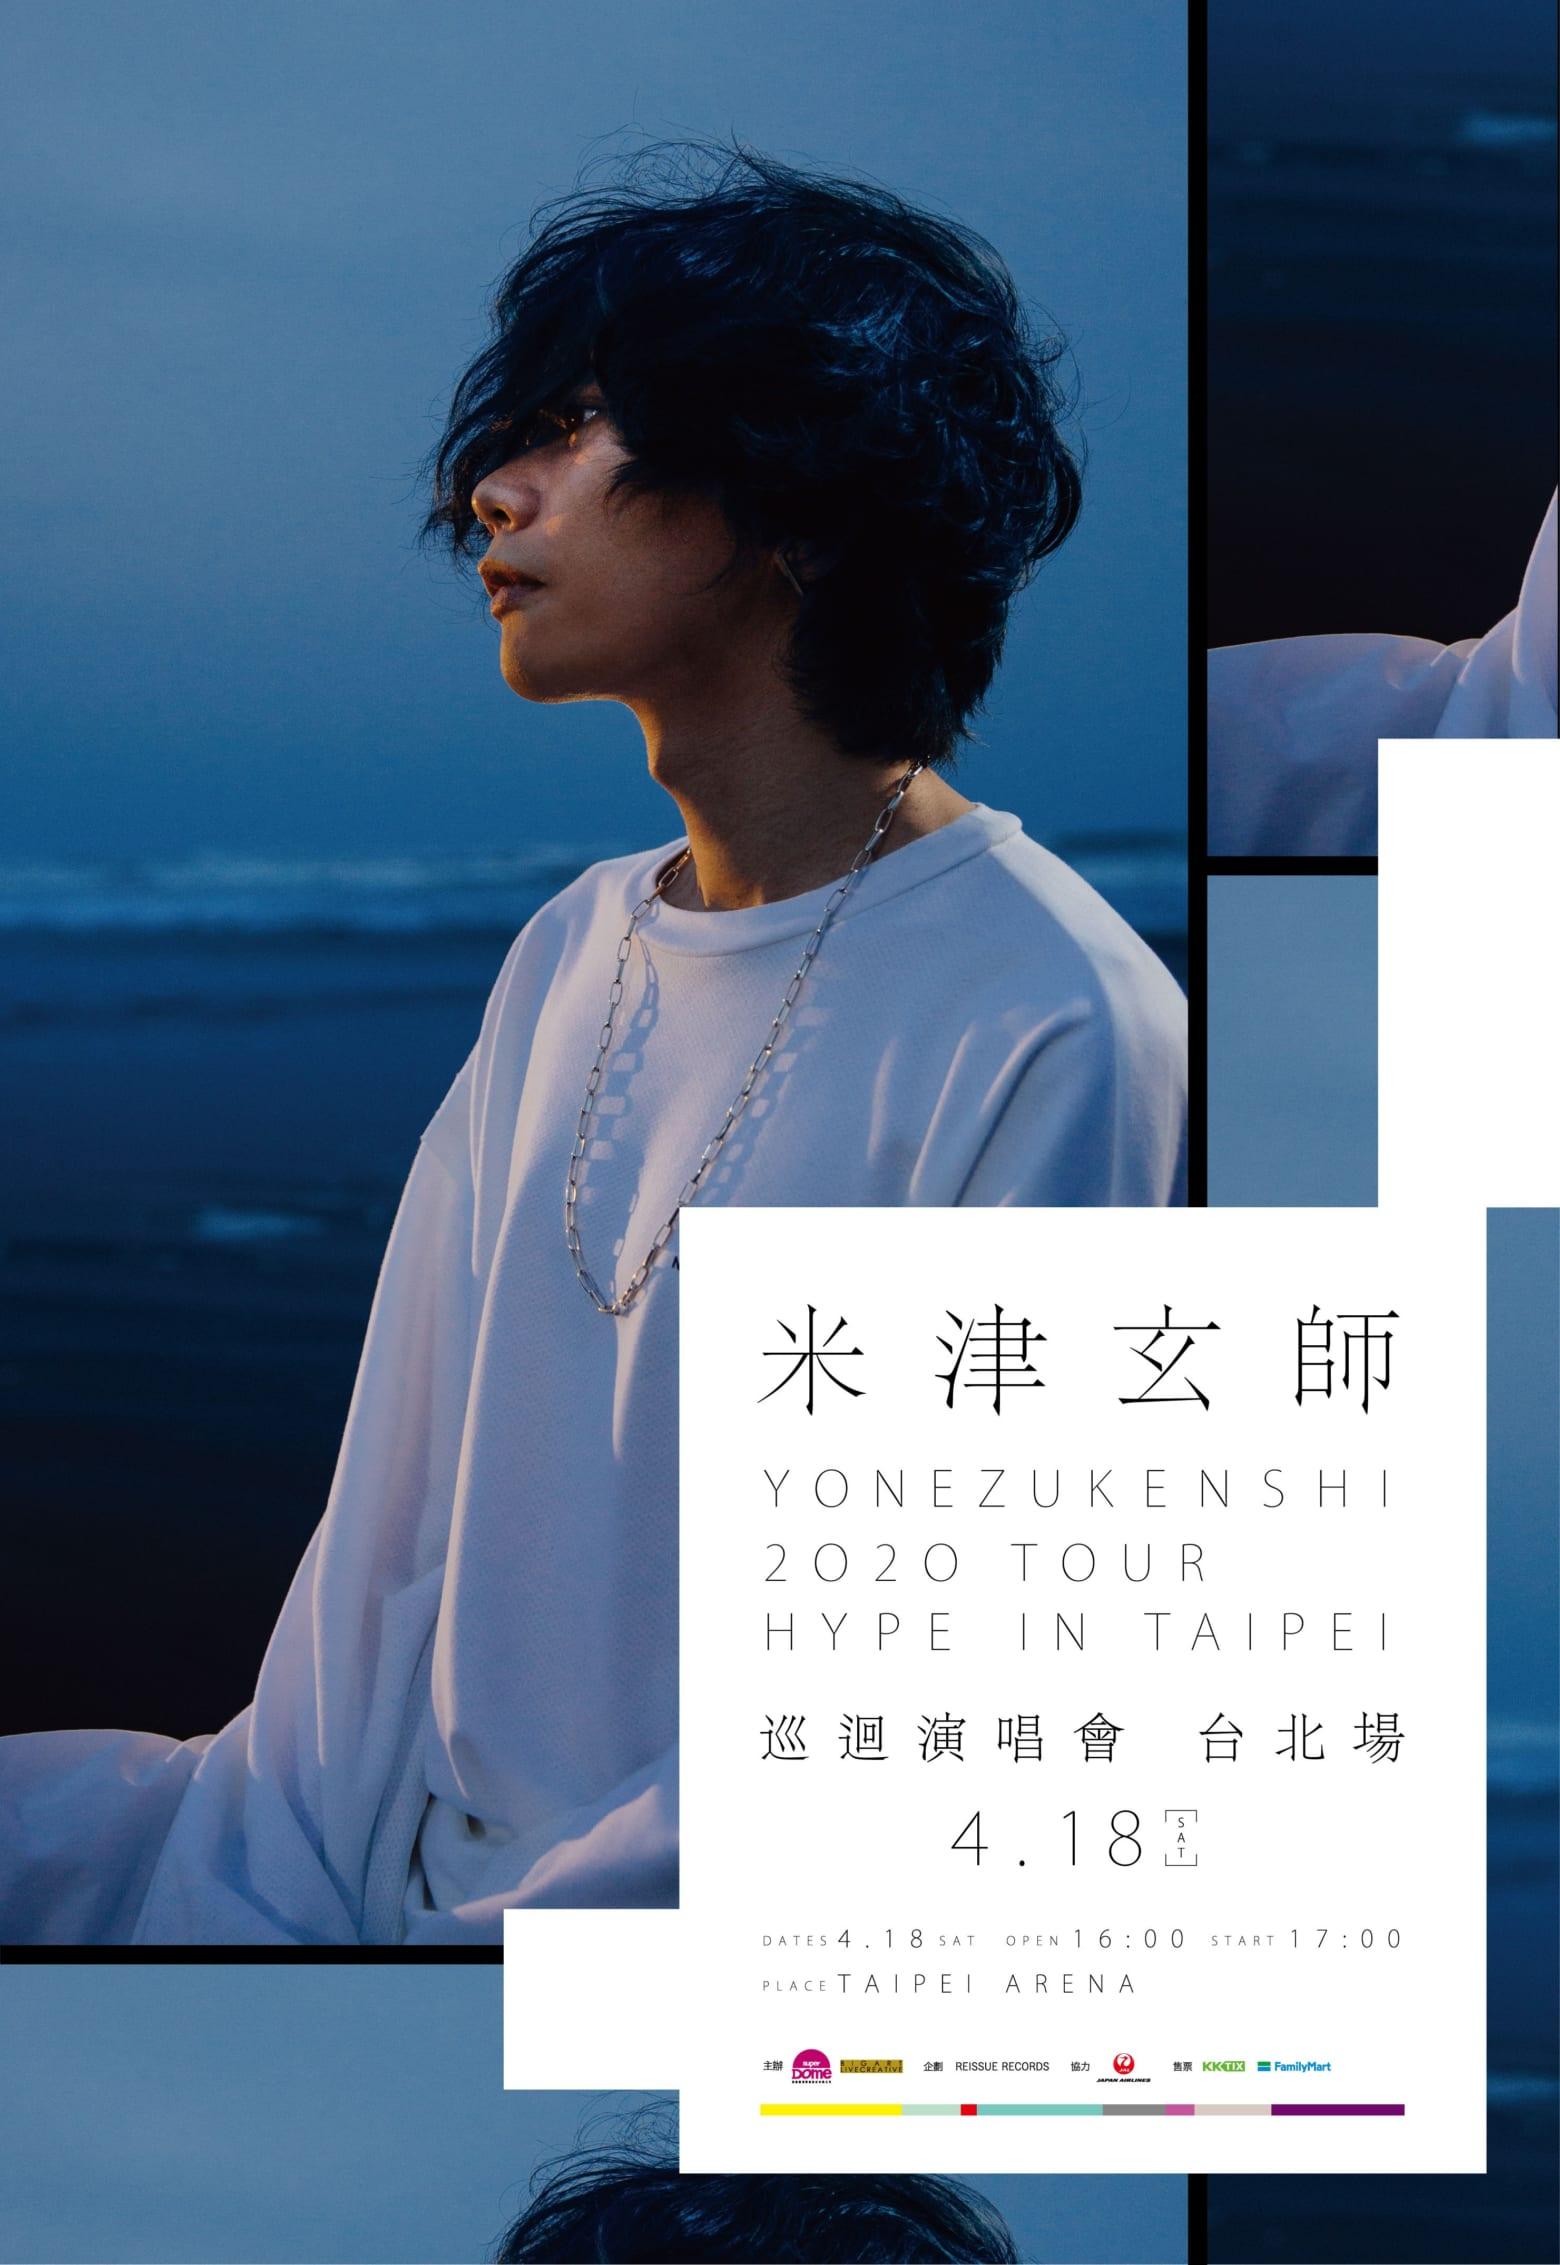 「米津玄師 2020 TOUR HYPE台湾公演」